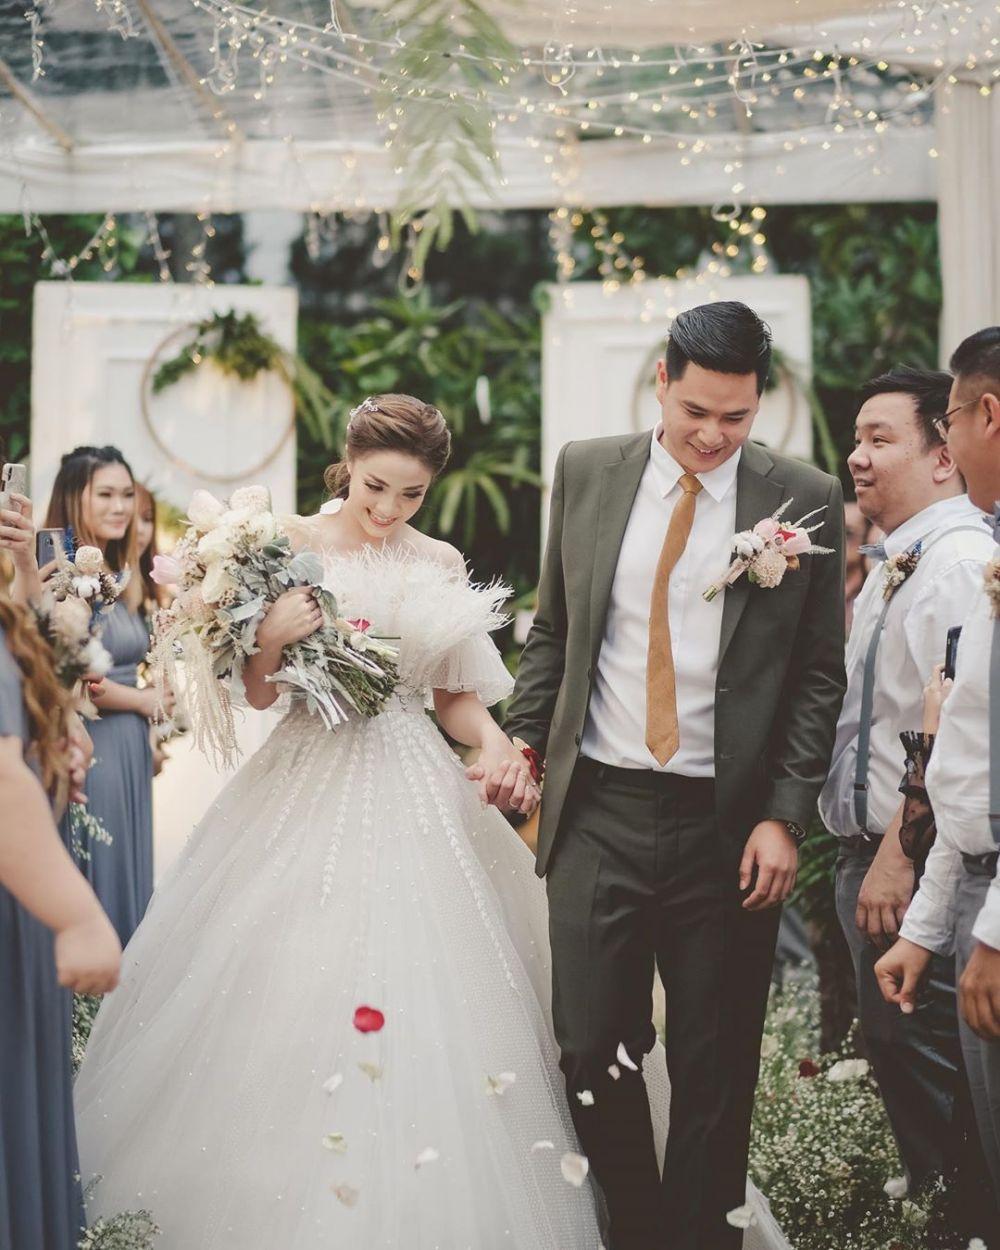 VJ Laissti menikah  Instagram